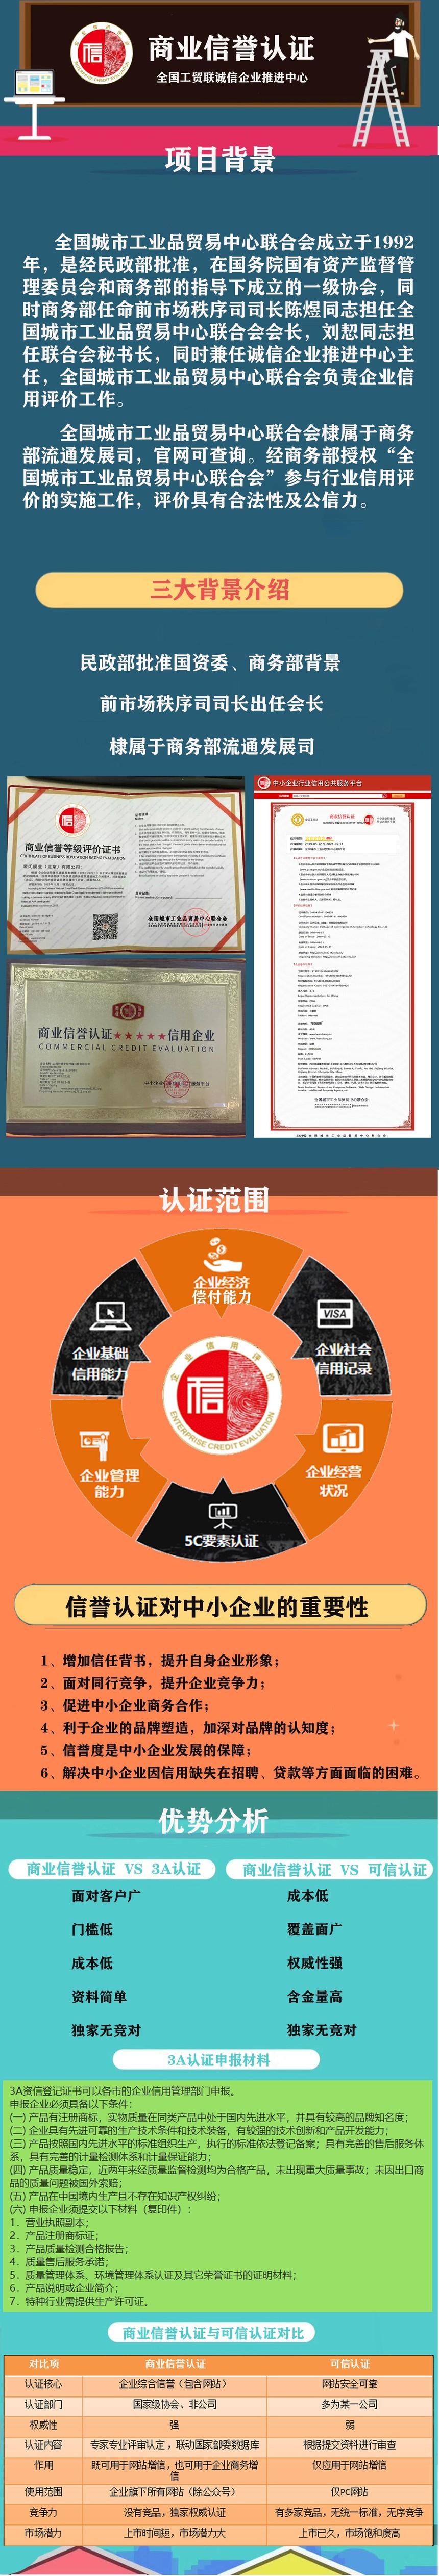 商业信誉认证.jpg